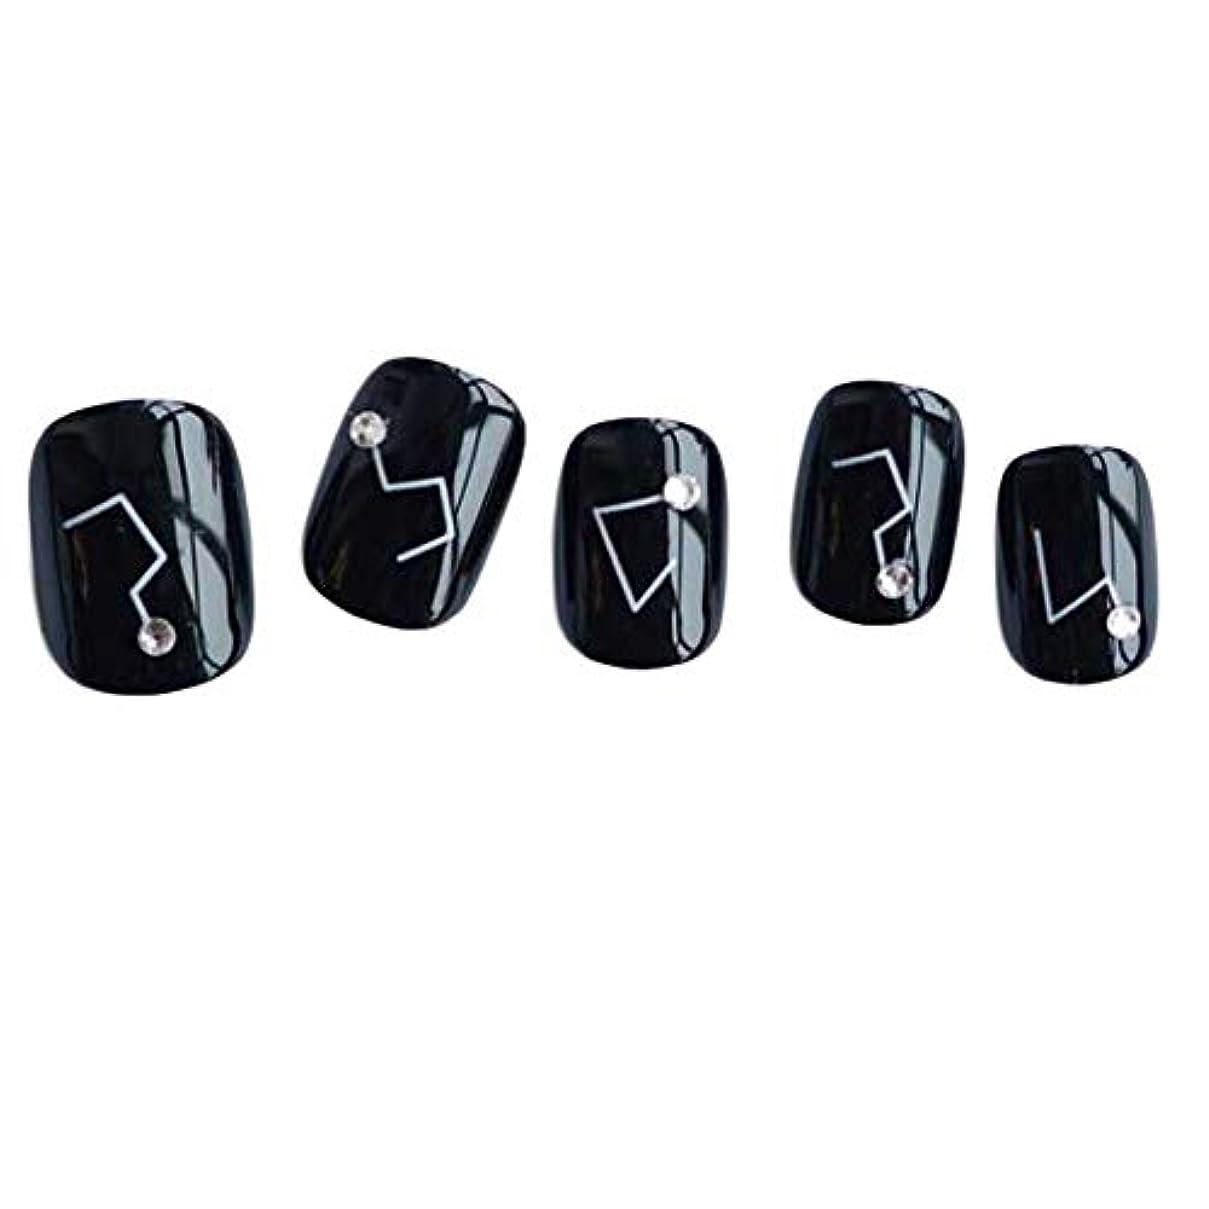 探偵自分のために整然とした星座 - 黒い短い偽の指爪人工爪の装飾の爪のヒント